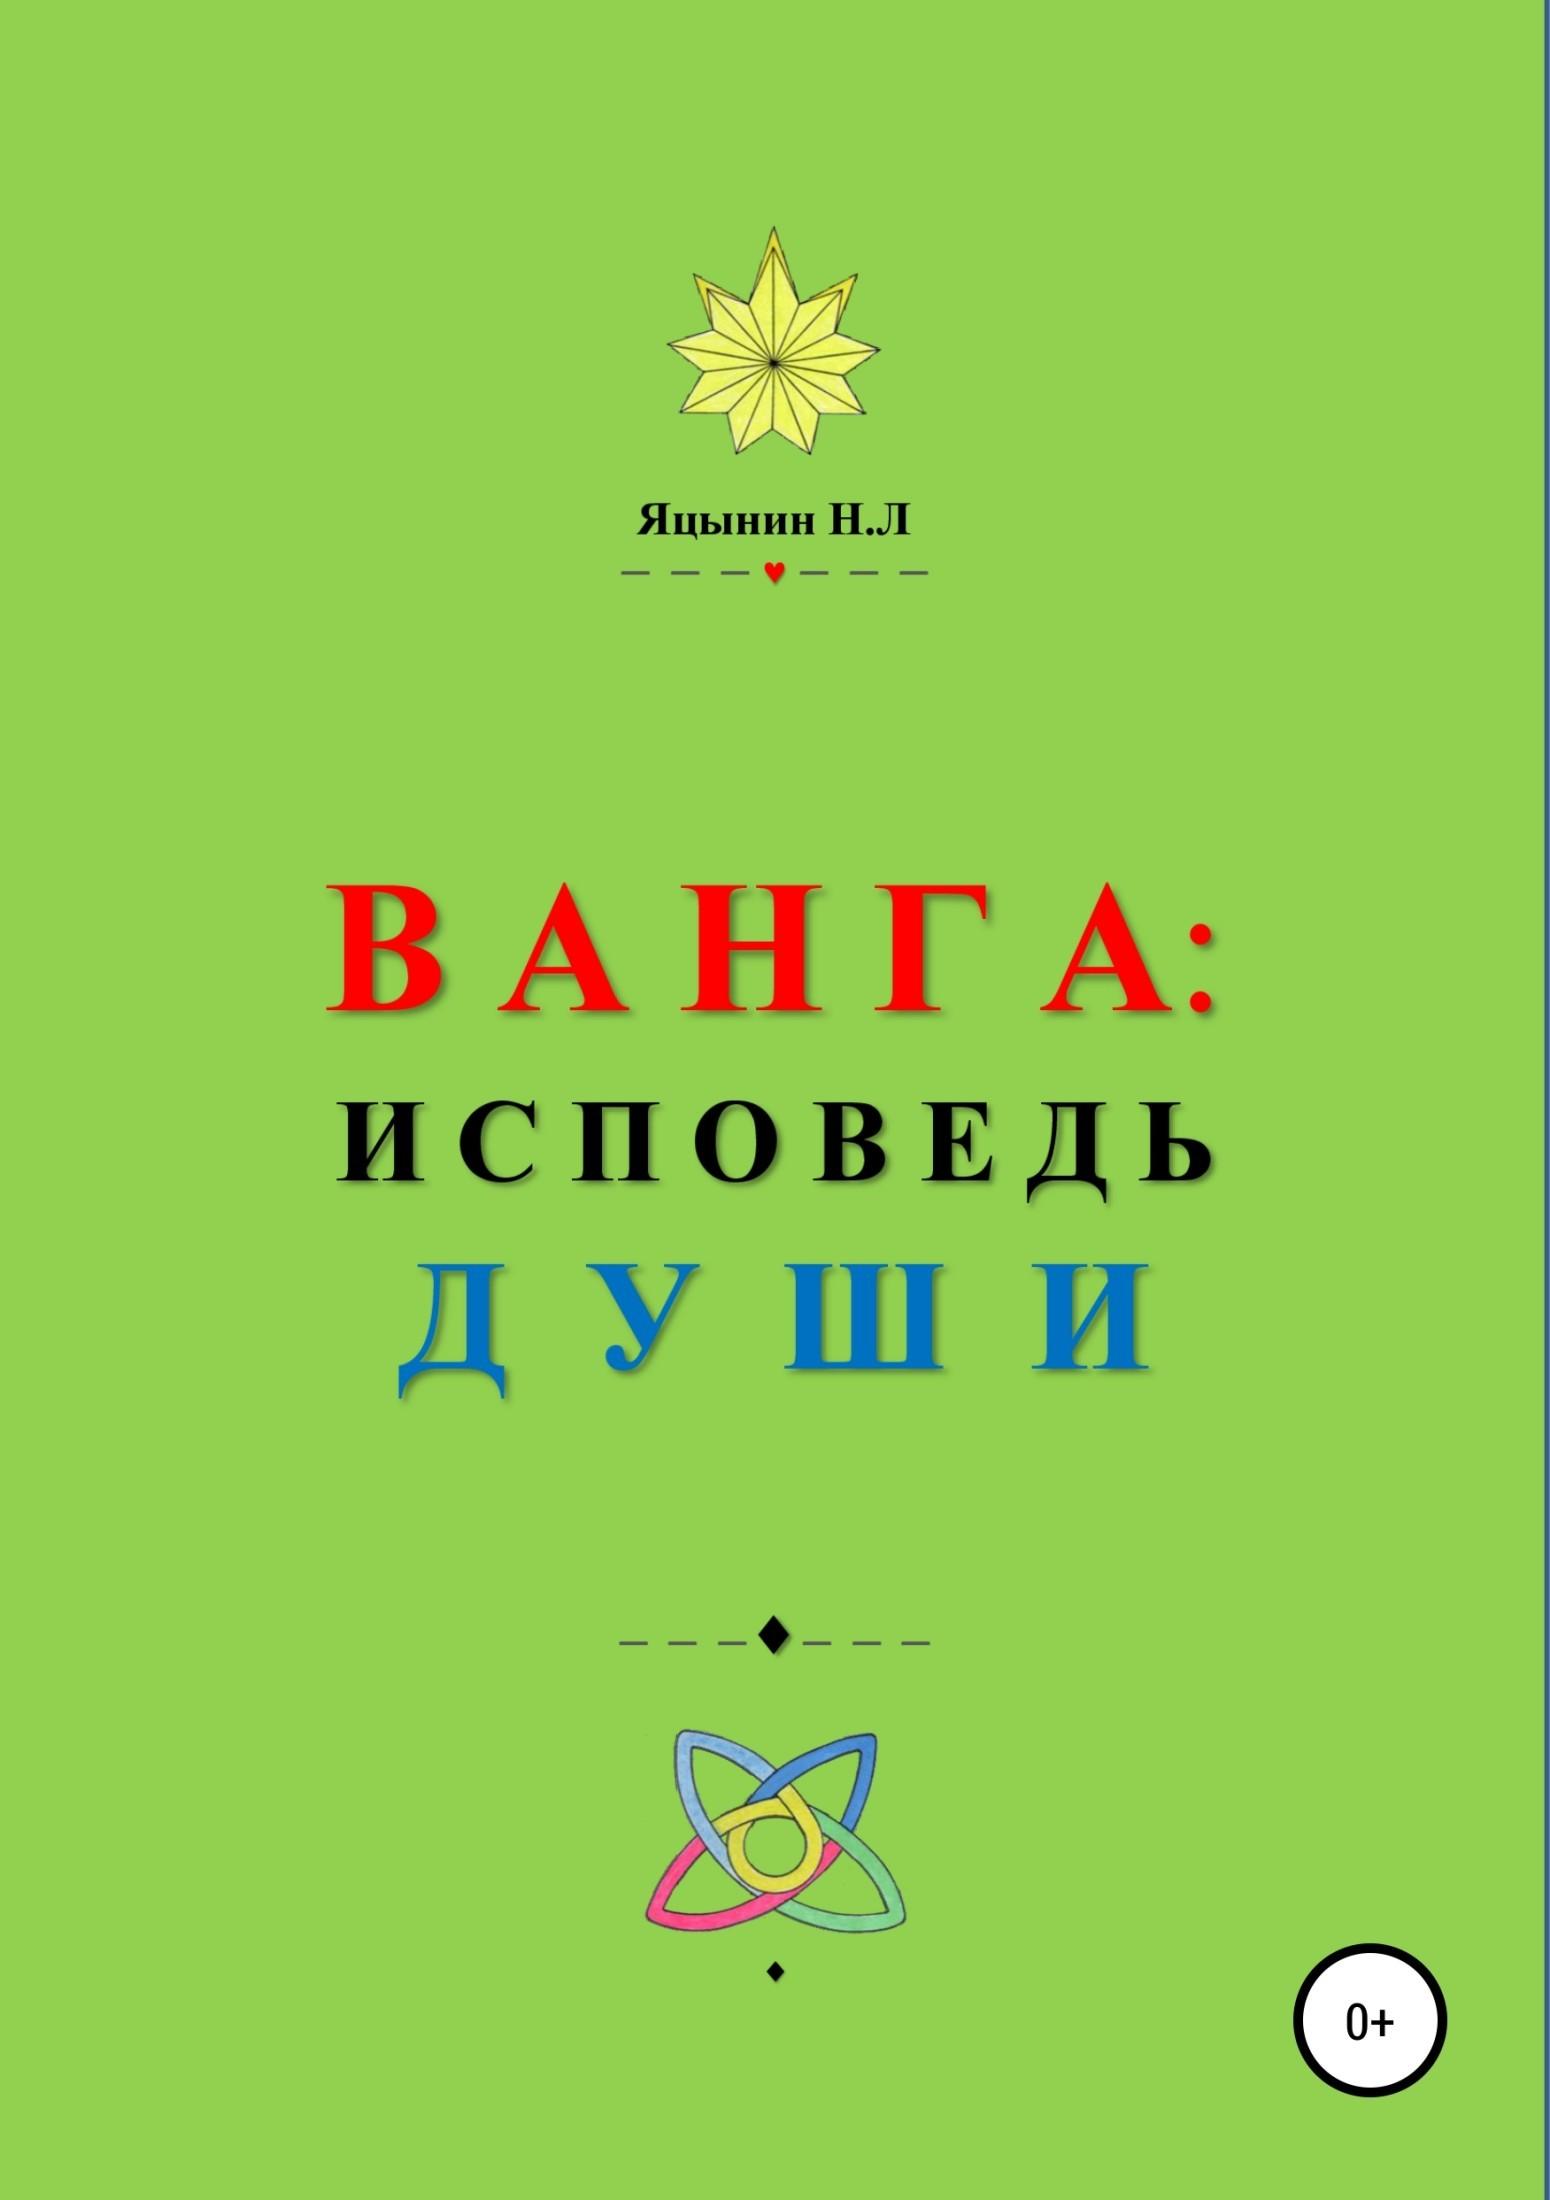 цена на Николай Леонидович Яцынин ВАНГА: Исповедь Души